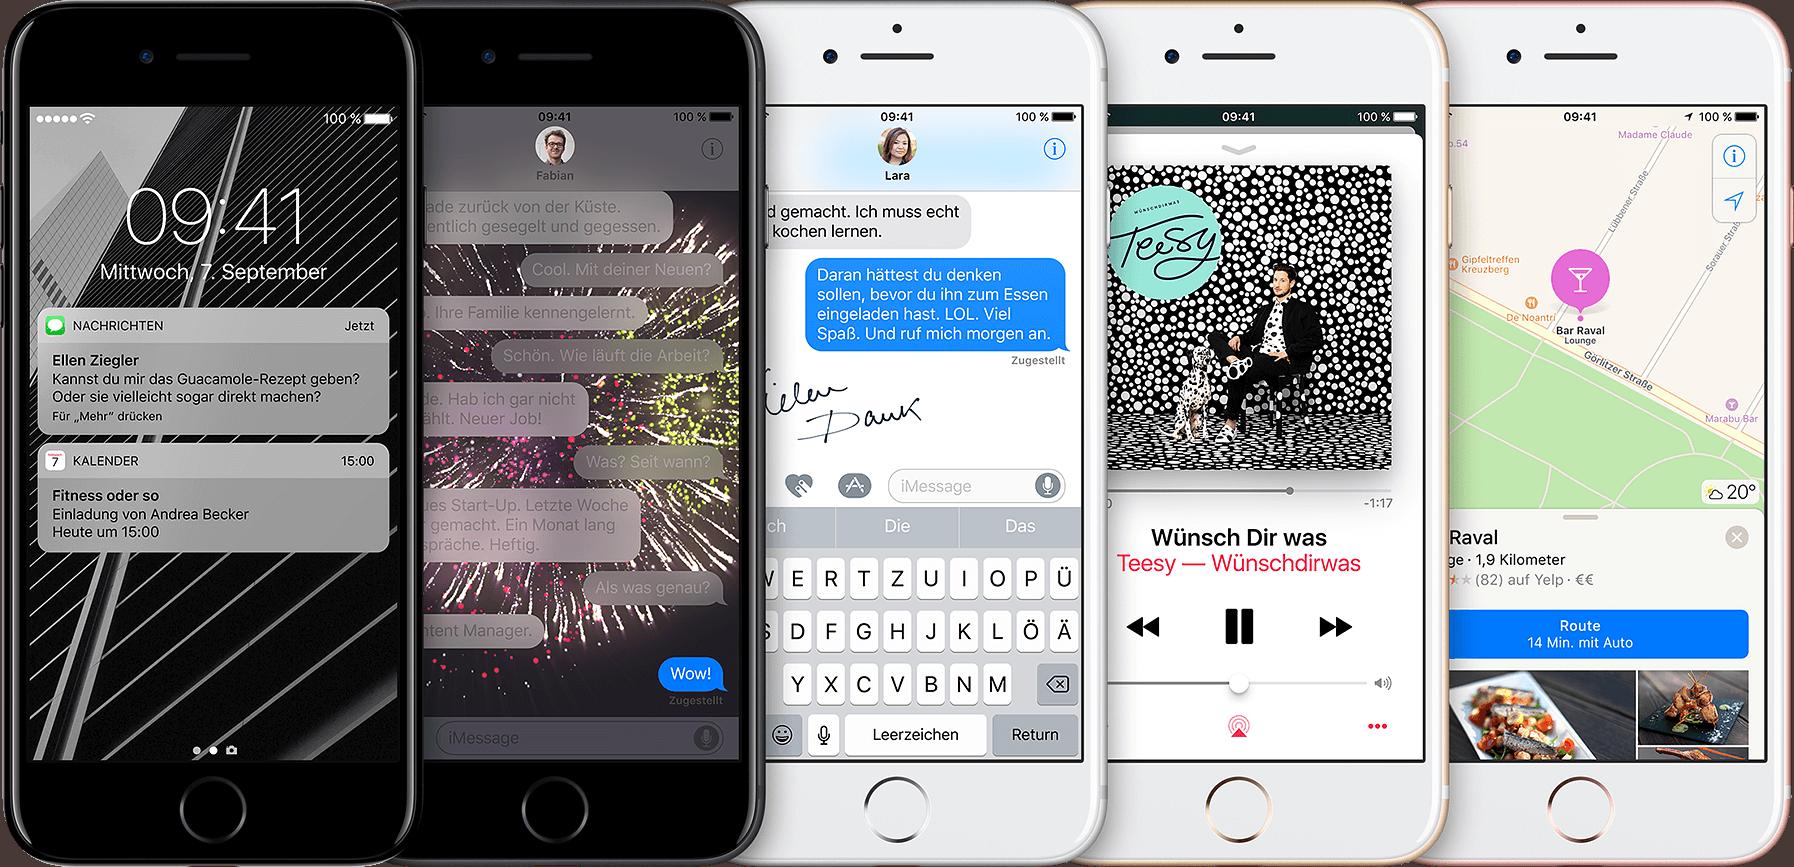 Iphone X Modelle Vergleichen